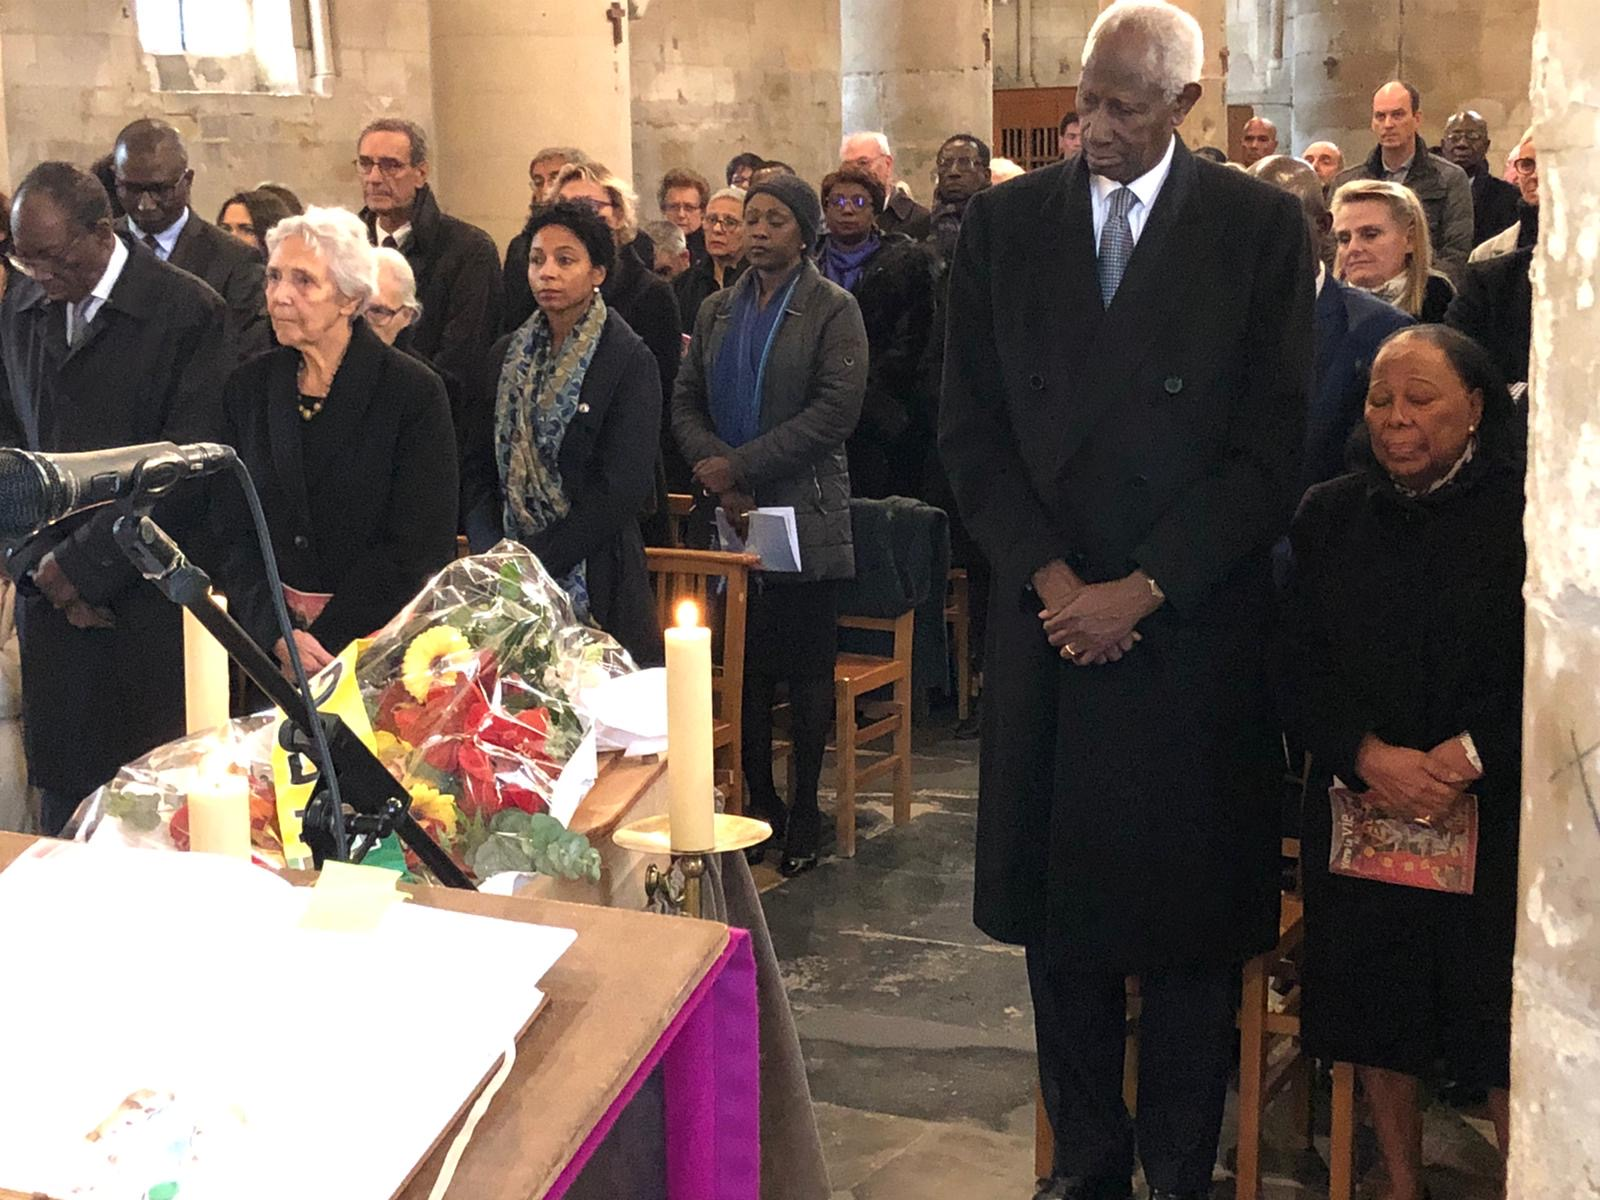 Messe mortuaire pour Colette Senghor à Veron : Abdou Diouf et son épouse ont fait le déplacement